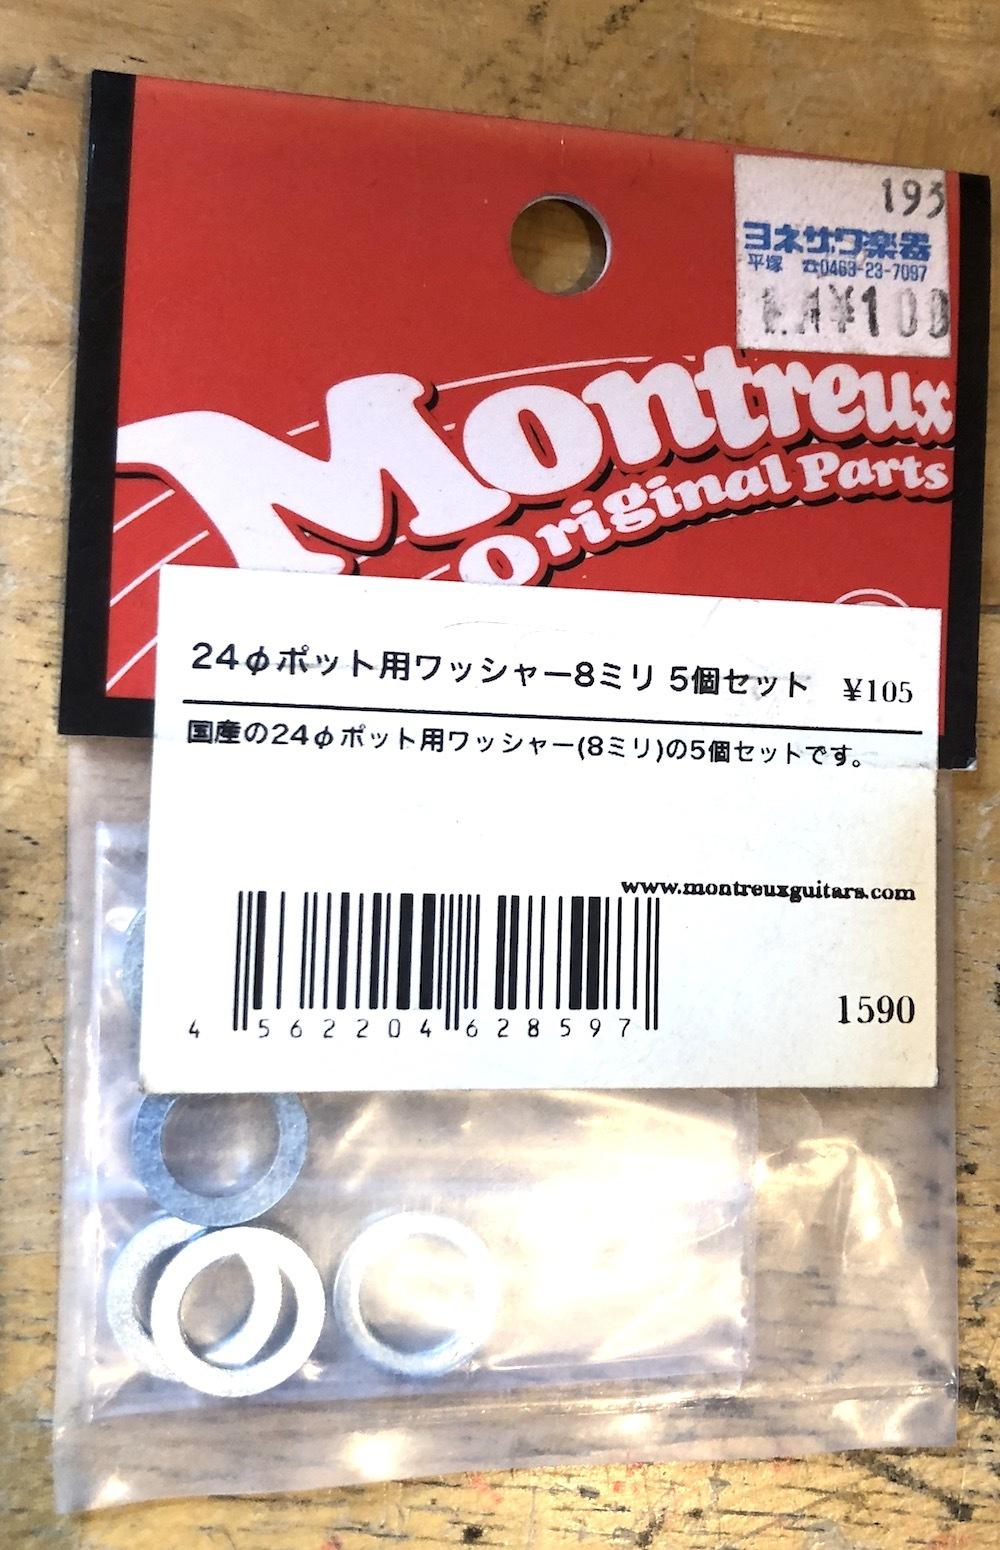 Montreux(モントルー)/1590 24Φポット用ワッシャー 8ミリ 5セット